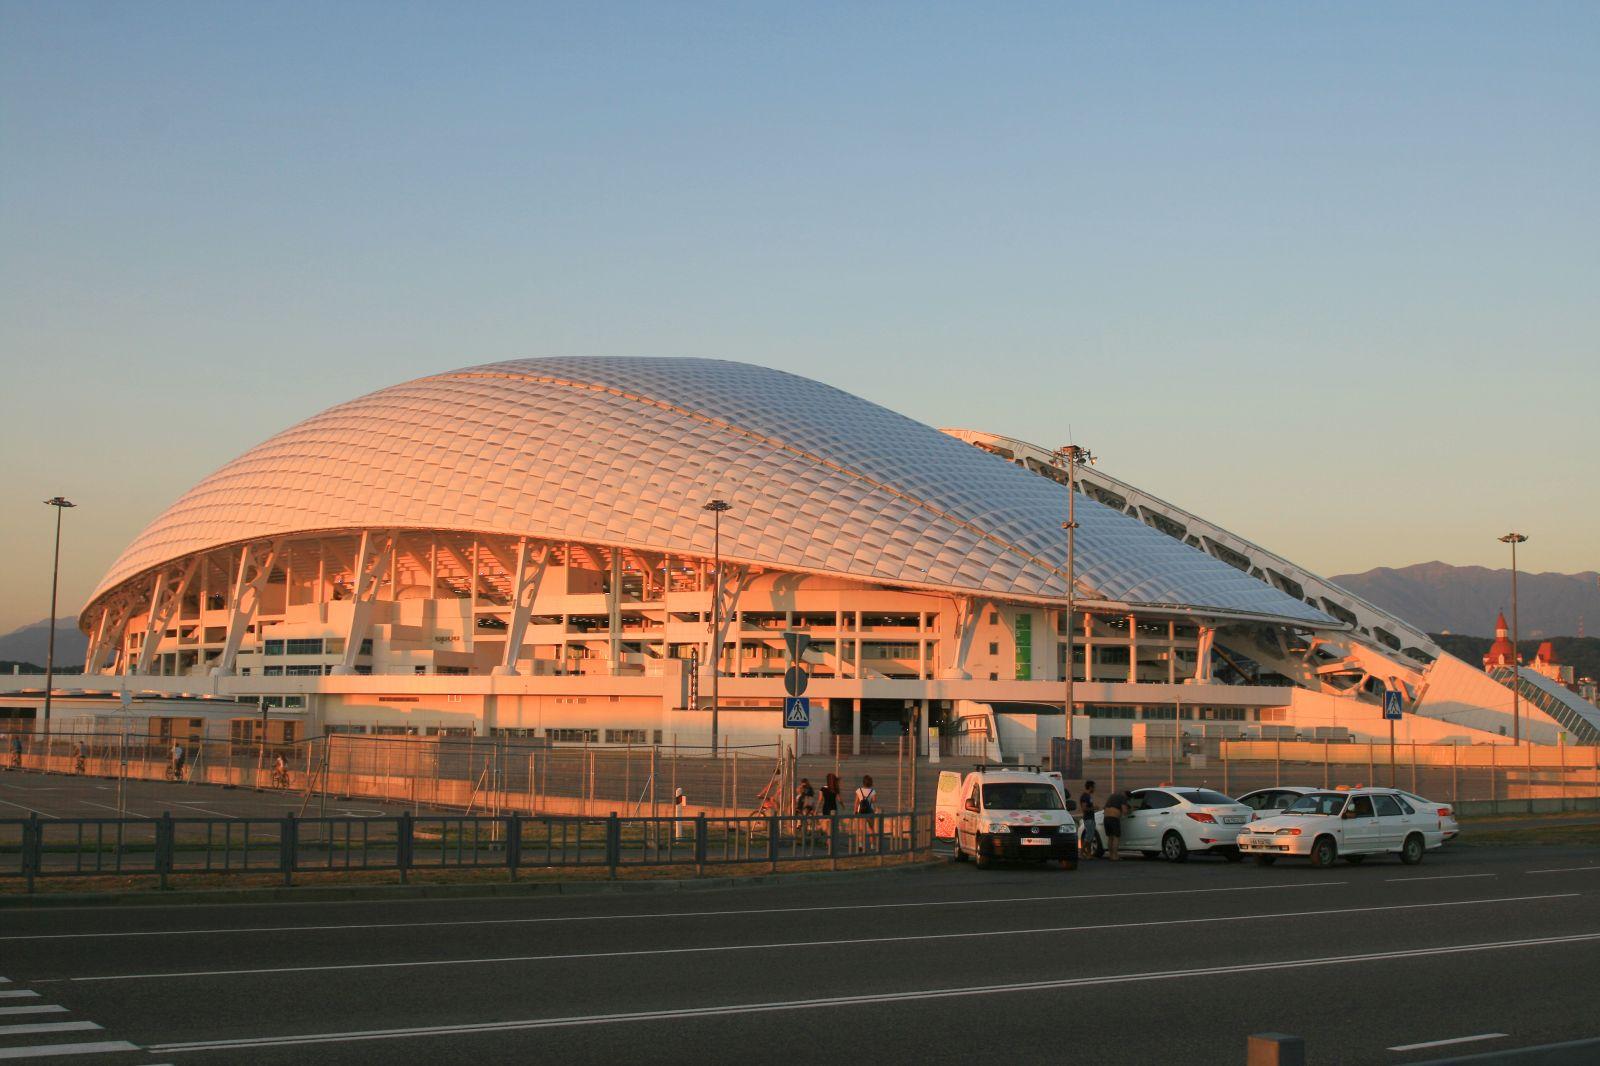 план-схема стадиона фишт